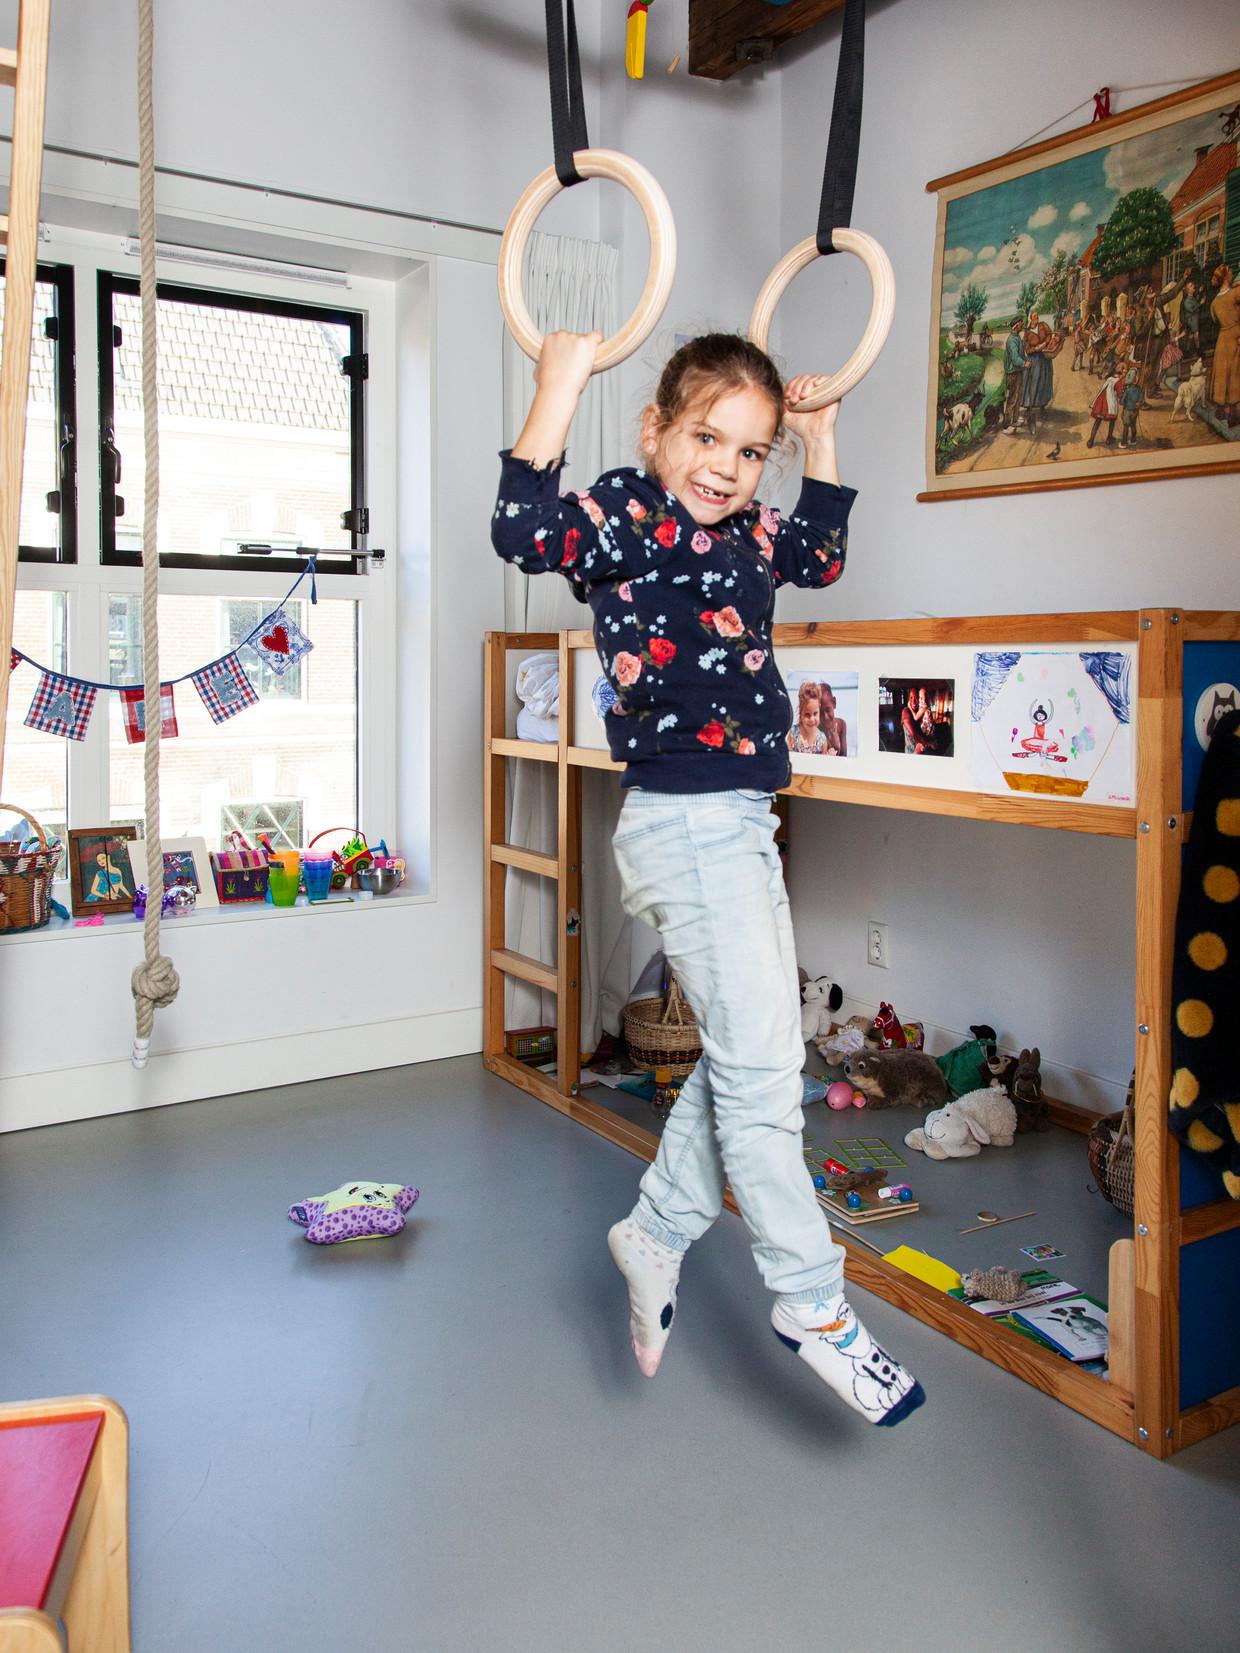 Mare van der Ploeg: 'Als ik een nieuw trucje leer, vind ik het wel een beetje eng. Dan denk ik aan iets lekkers of iets leuks.' Beeld Adriaan van der Ploeg